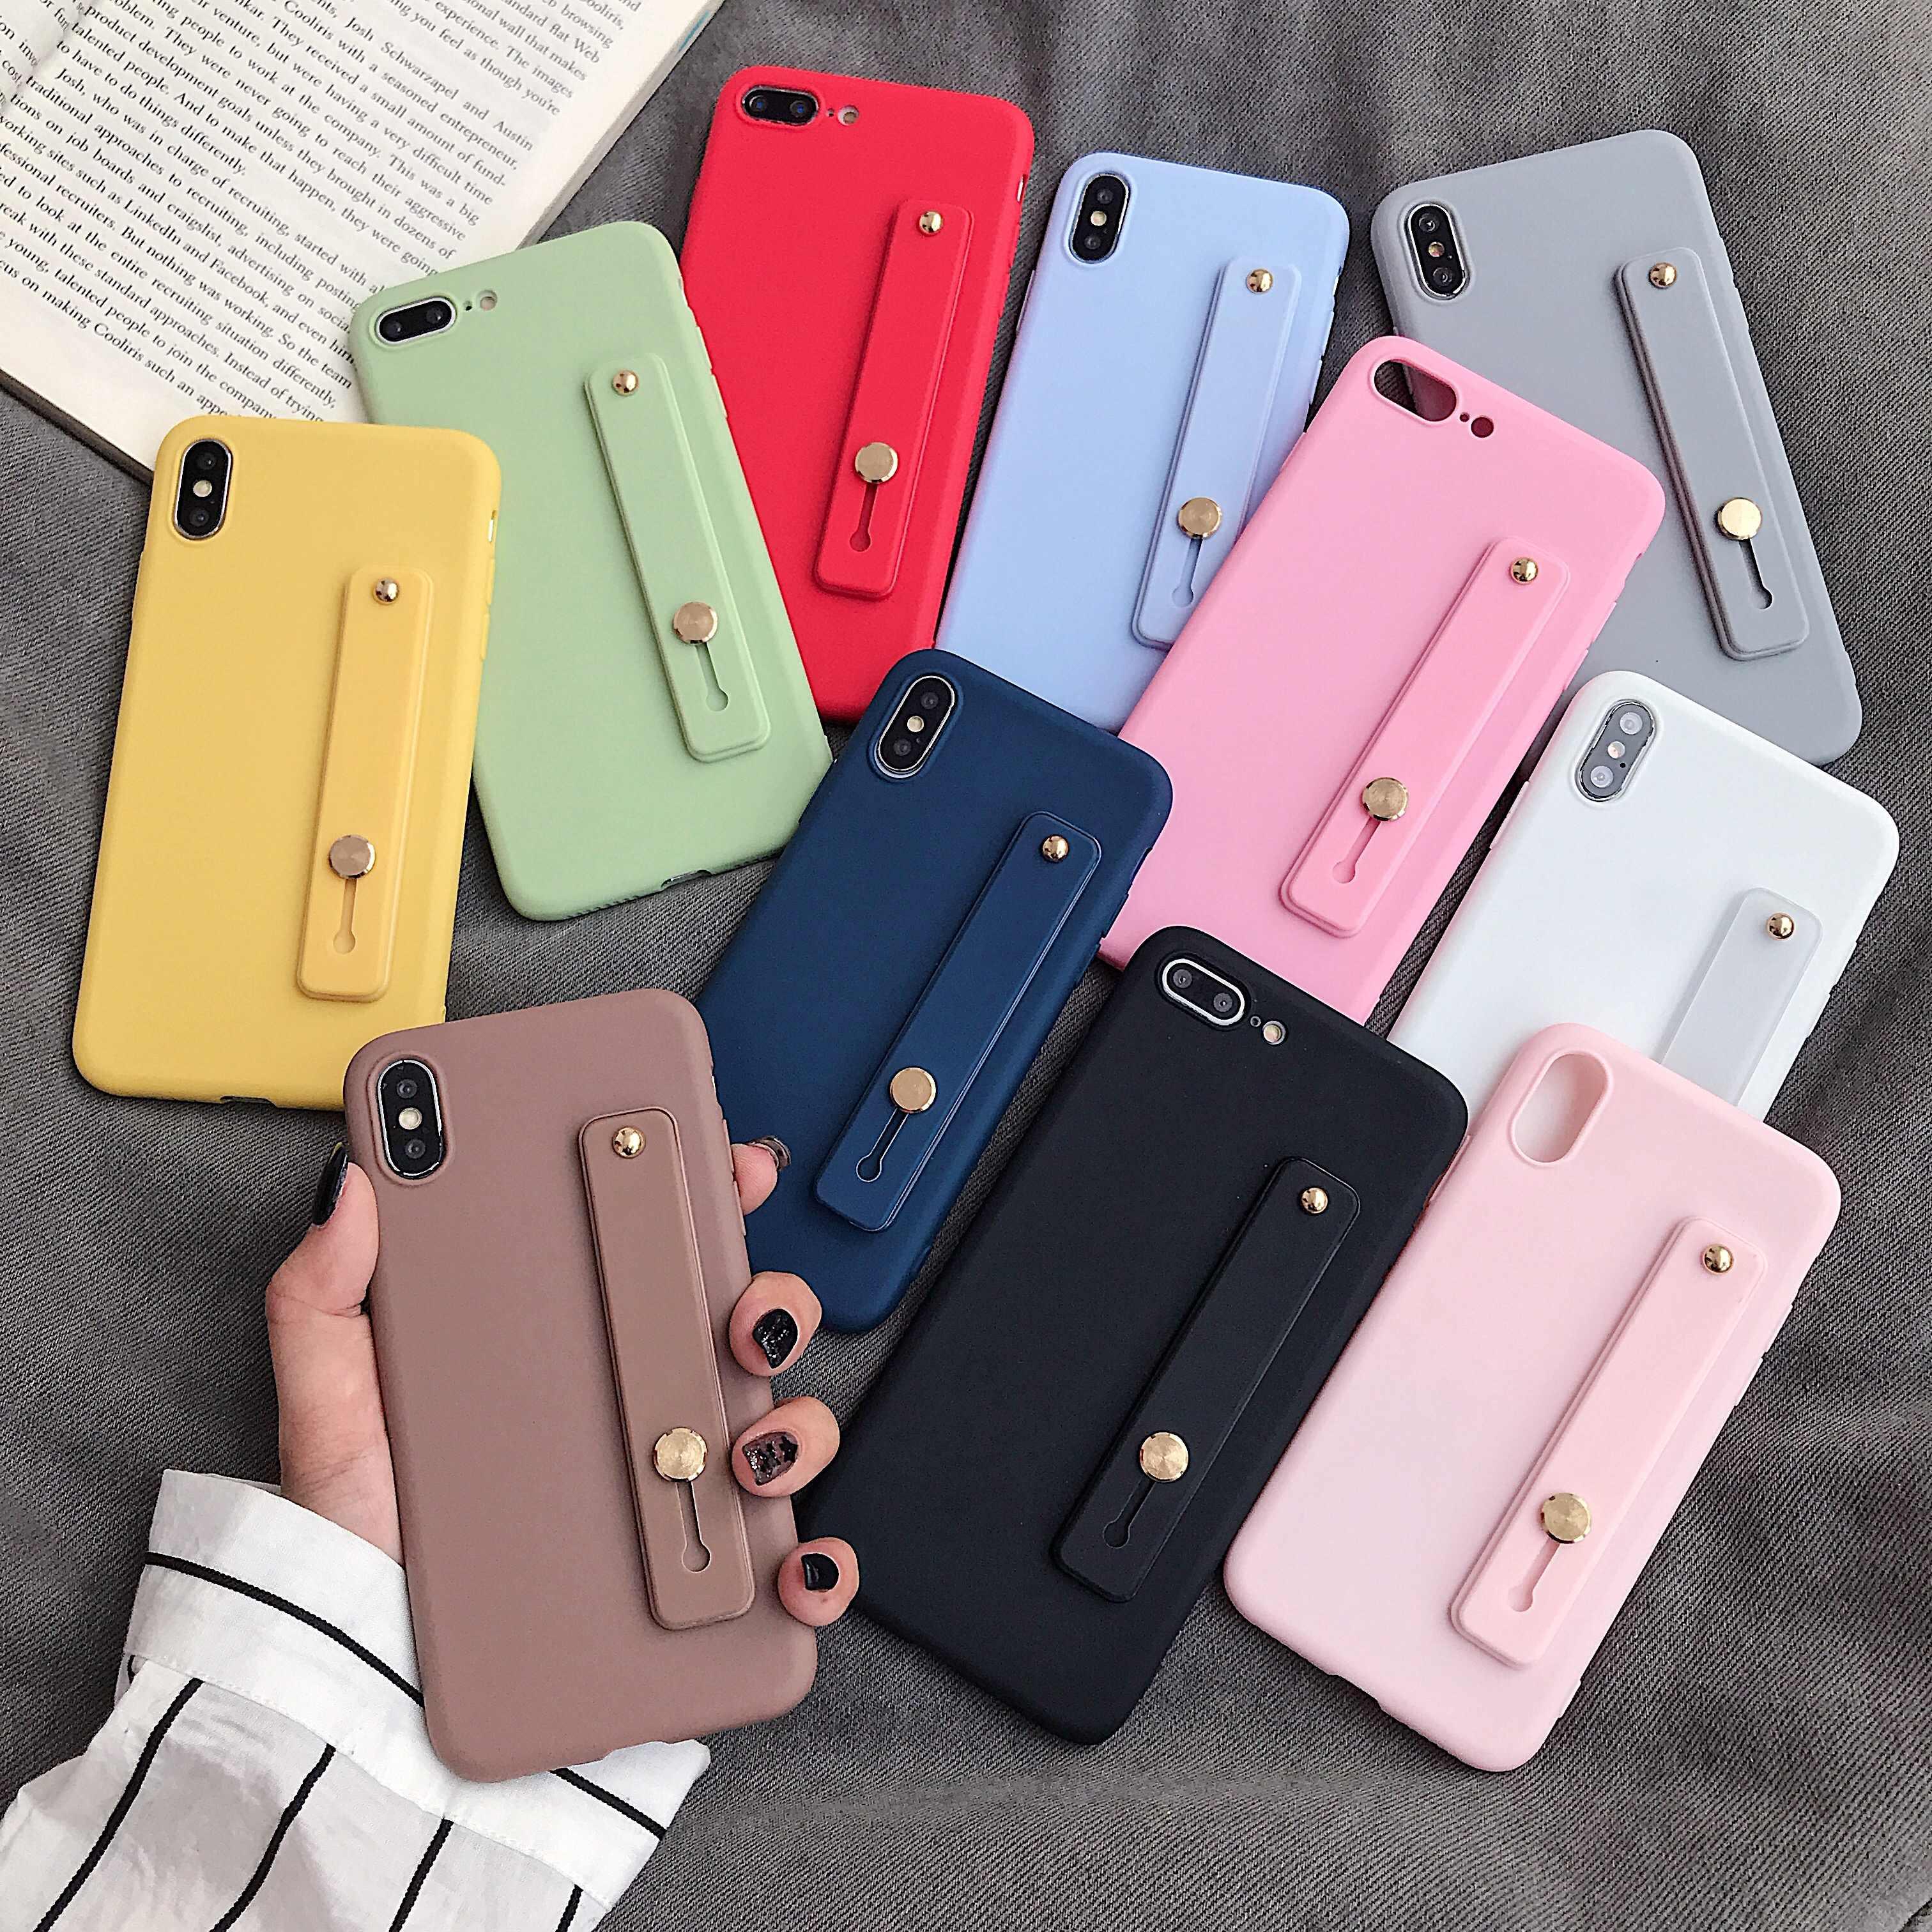 حلوى لون المعصم حزام قوس لينة قضية الهاتف آيفون X XR XS ماكس 6S 7 8 Plus 11 لسامسونج S8 S9 S10 e S20 نوت 10 لايت +